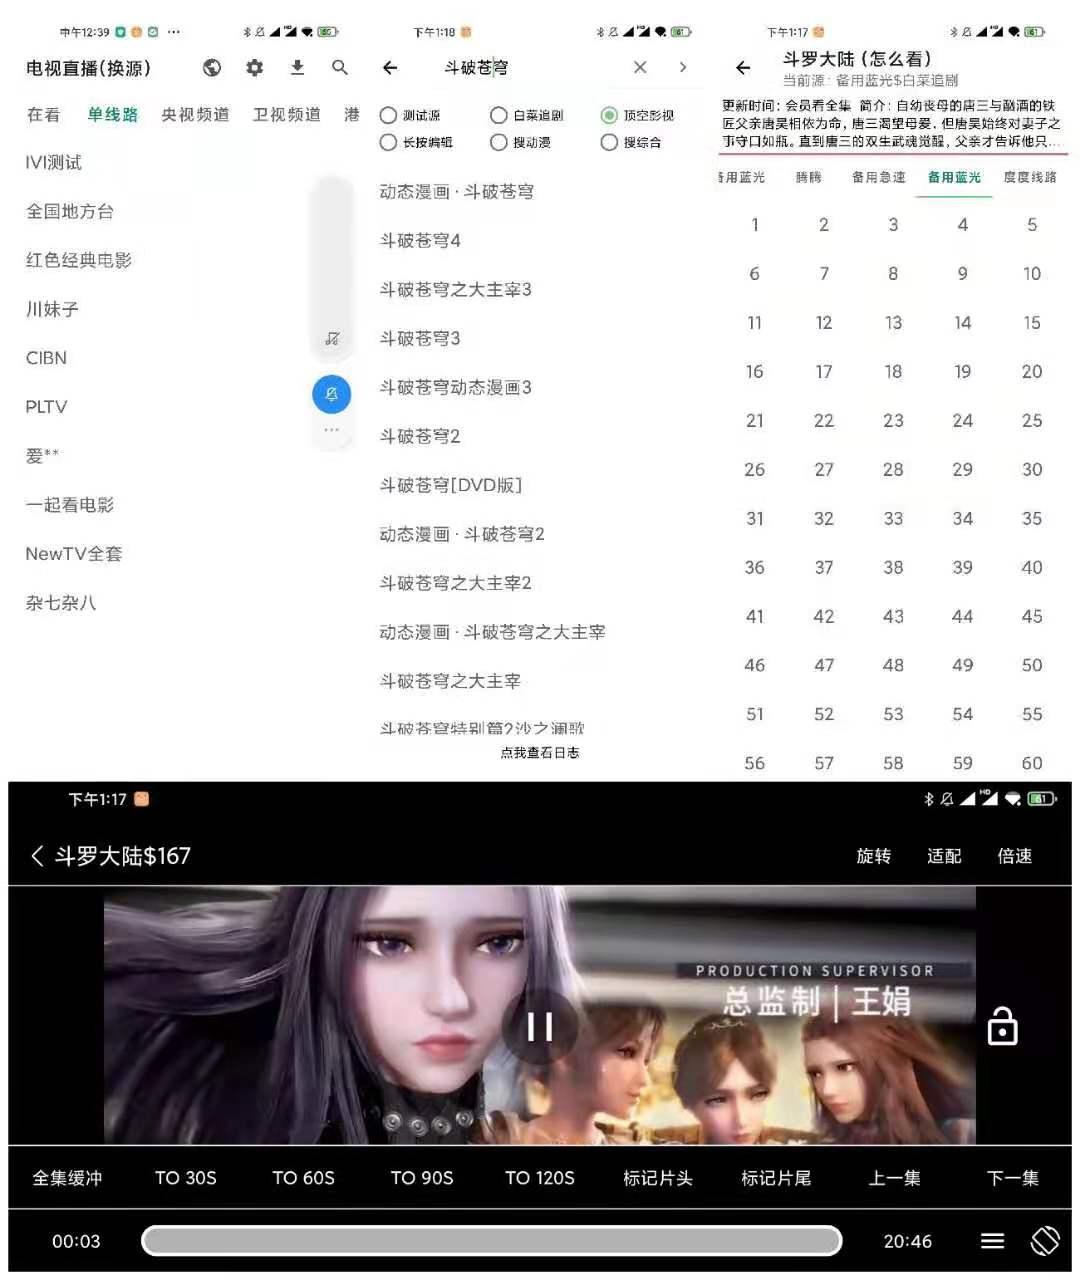 小書视界 v21.07.24 无广告追剧